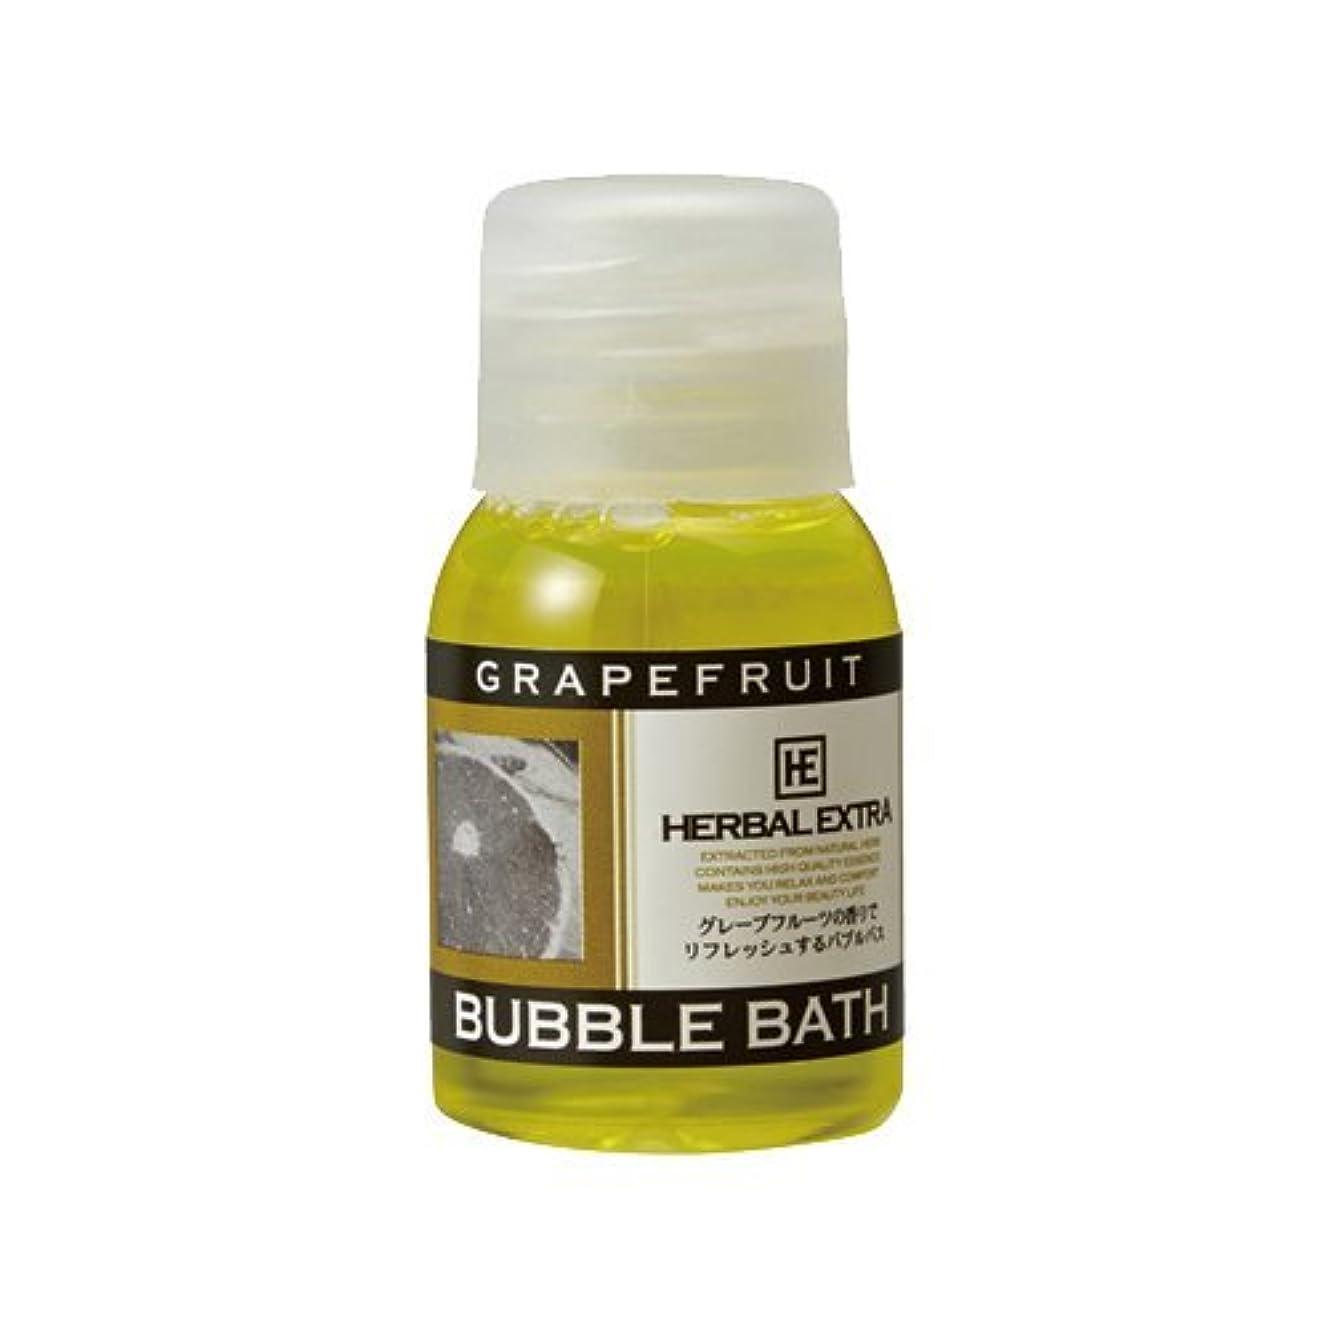 もっと少なくどこでもカトリック教徒ハーバルエクストラ バブルバス ミニボトル グレープフルーツの香り × 10個セット - ホテルアメニティ 業務用 発泡入浴剤 (BUBBLE BATH)